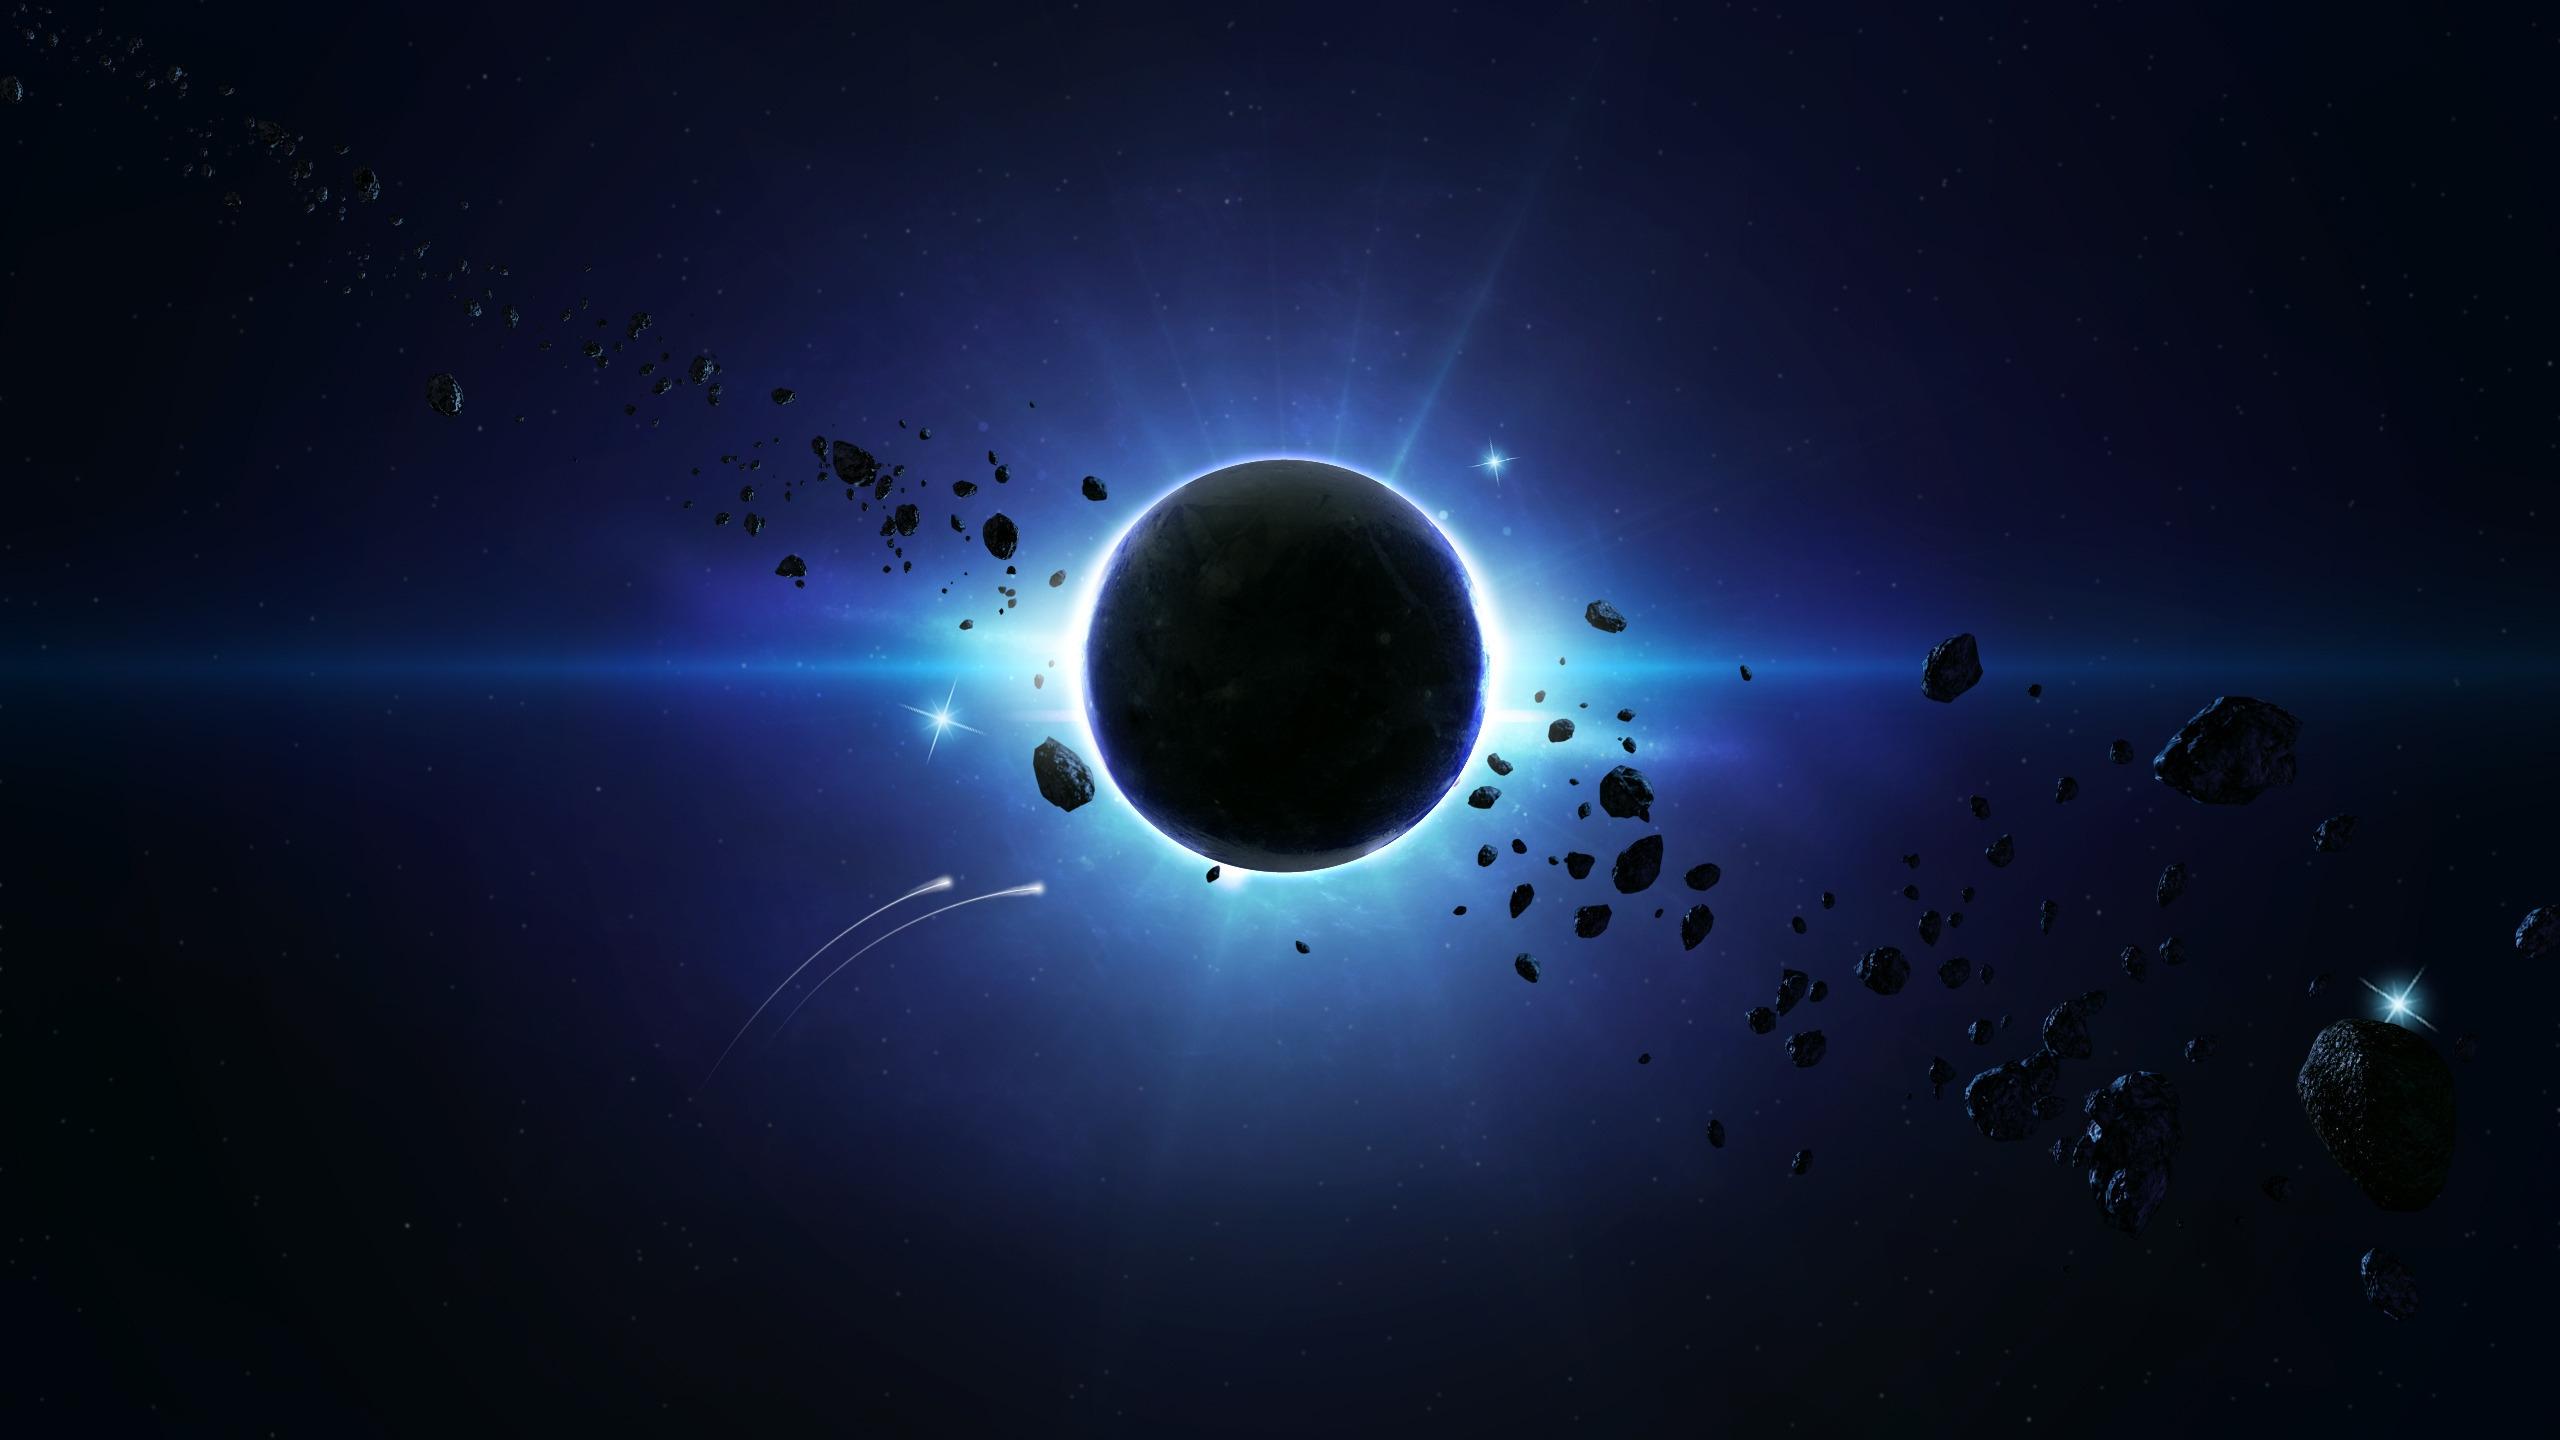 Lunar Eclipse wallpaper   1011464 2560x1440